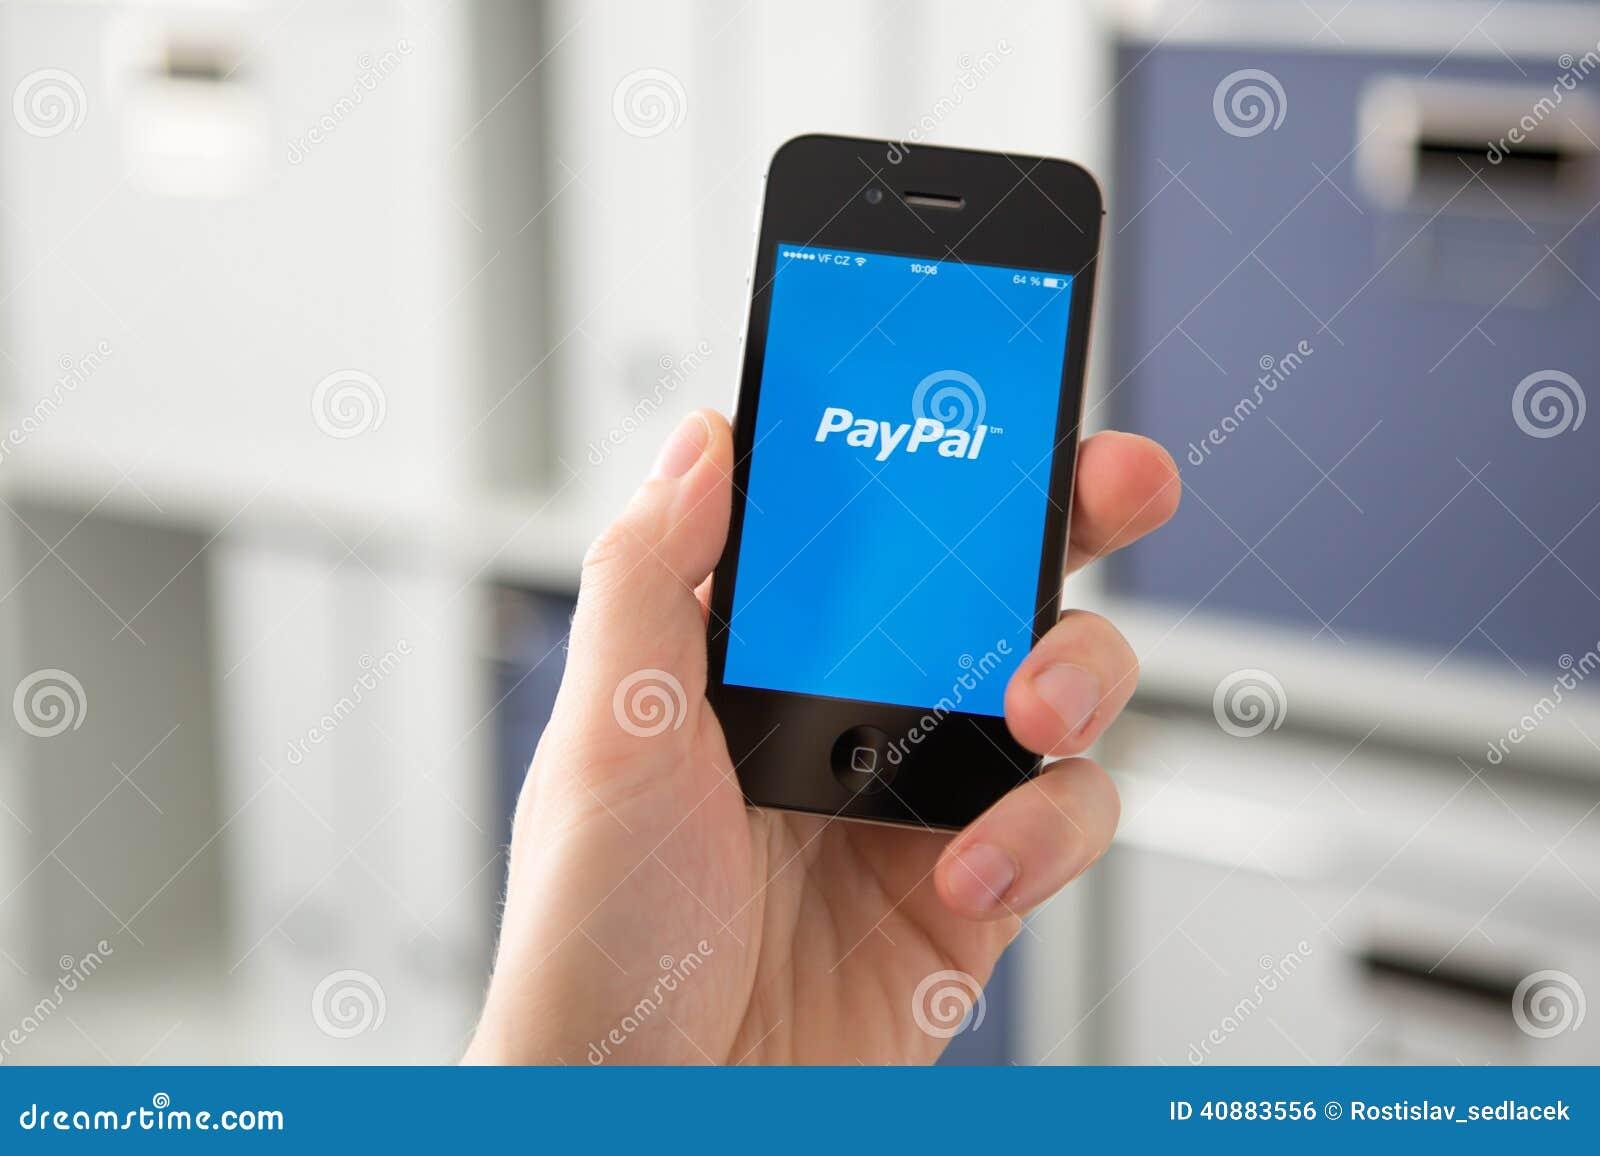 RÉPUBLIQUE TCHÈQUE DE HODONIN - 7 AVRIL : Paypal la manière de les plus populaires de